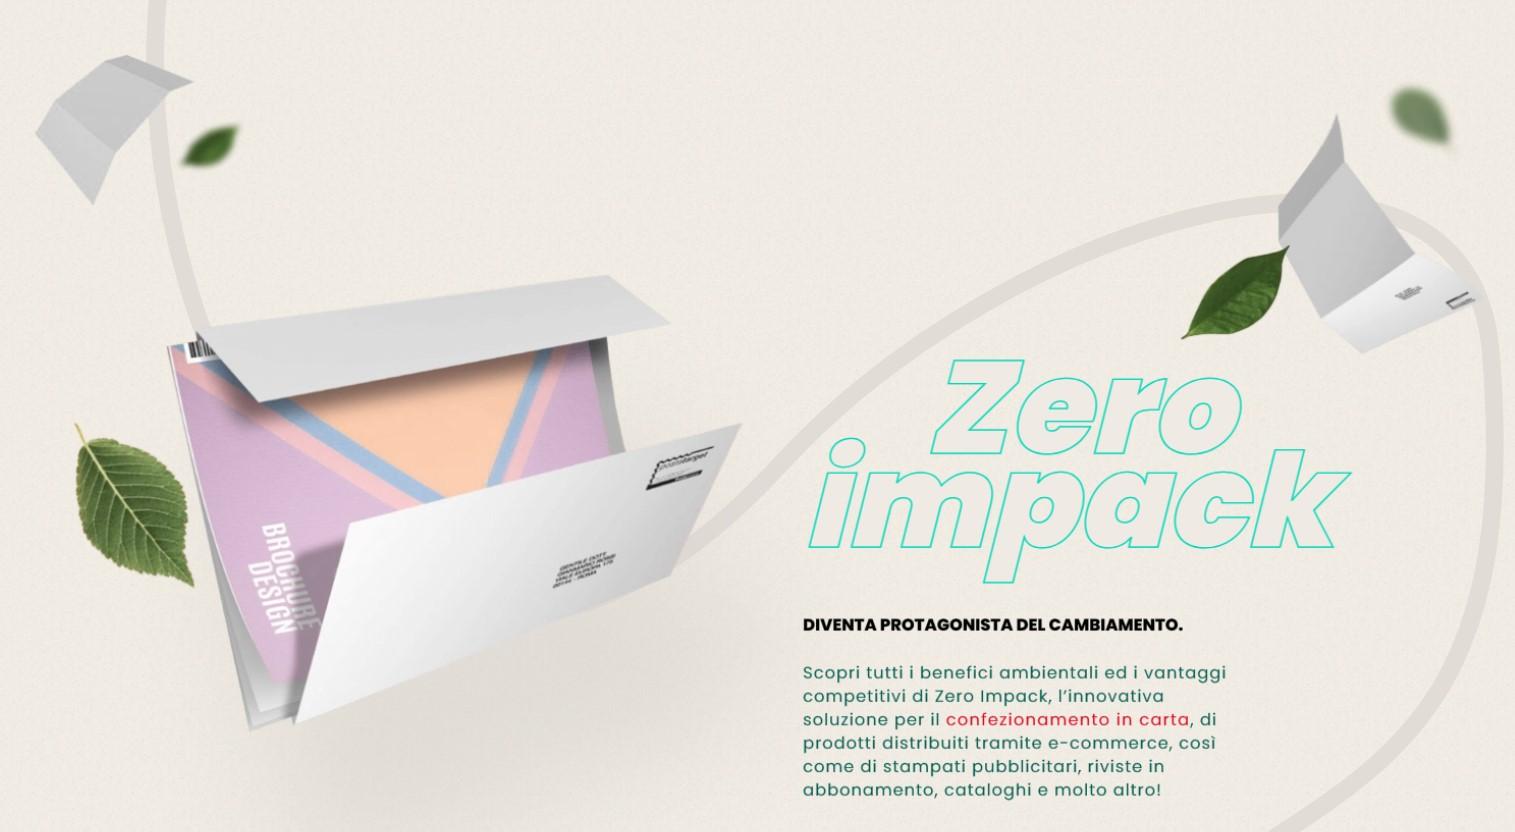 Nuove forme e materiali per un packaging per e-commerce sempre più sostenibile